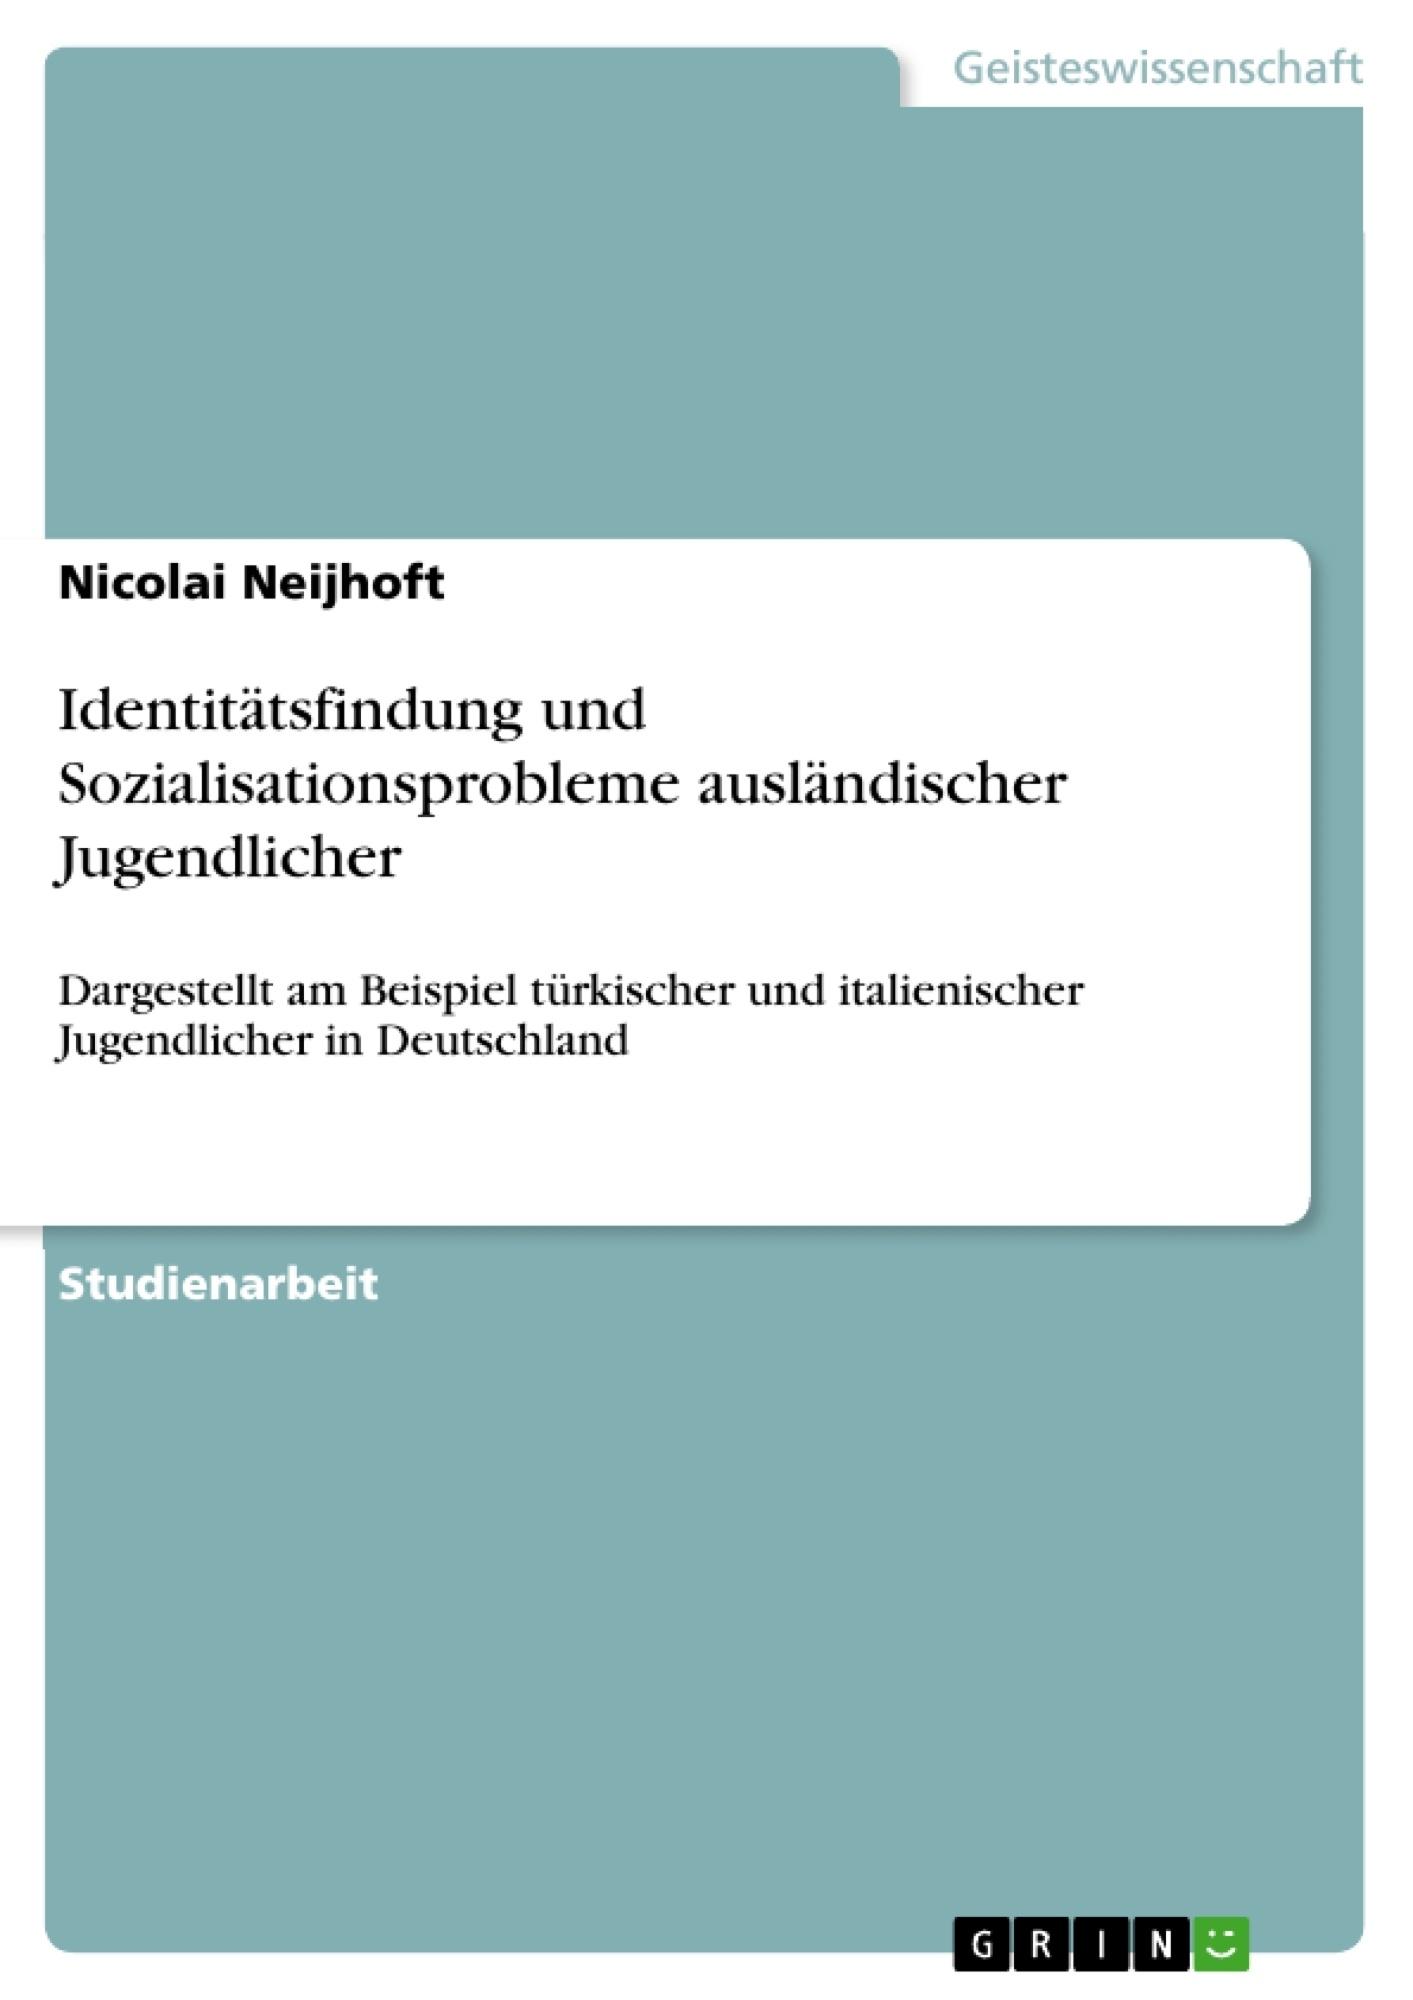 Titel: Identitätsfindung und Sozialisationsprobleme ausländischer Jugendlicher